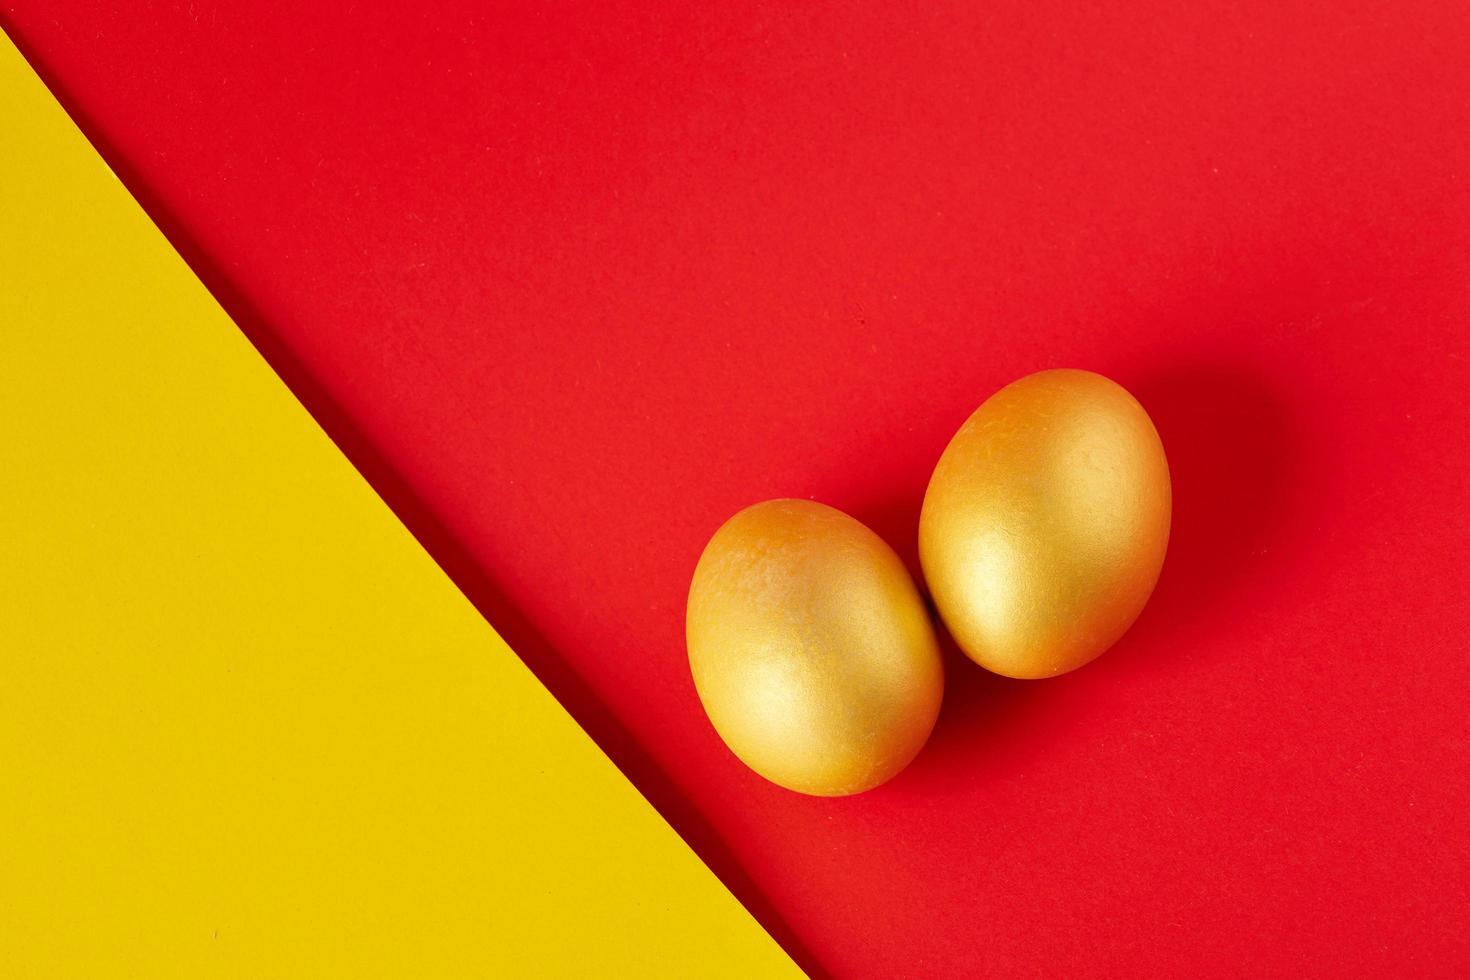 uova su sfondo giallo e rosso foto